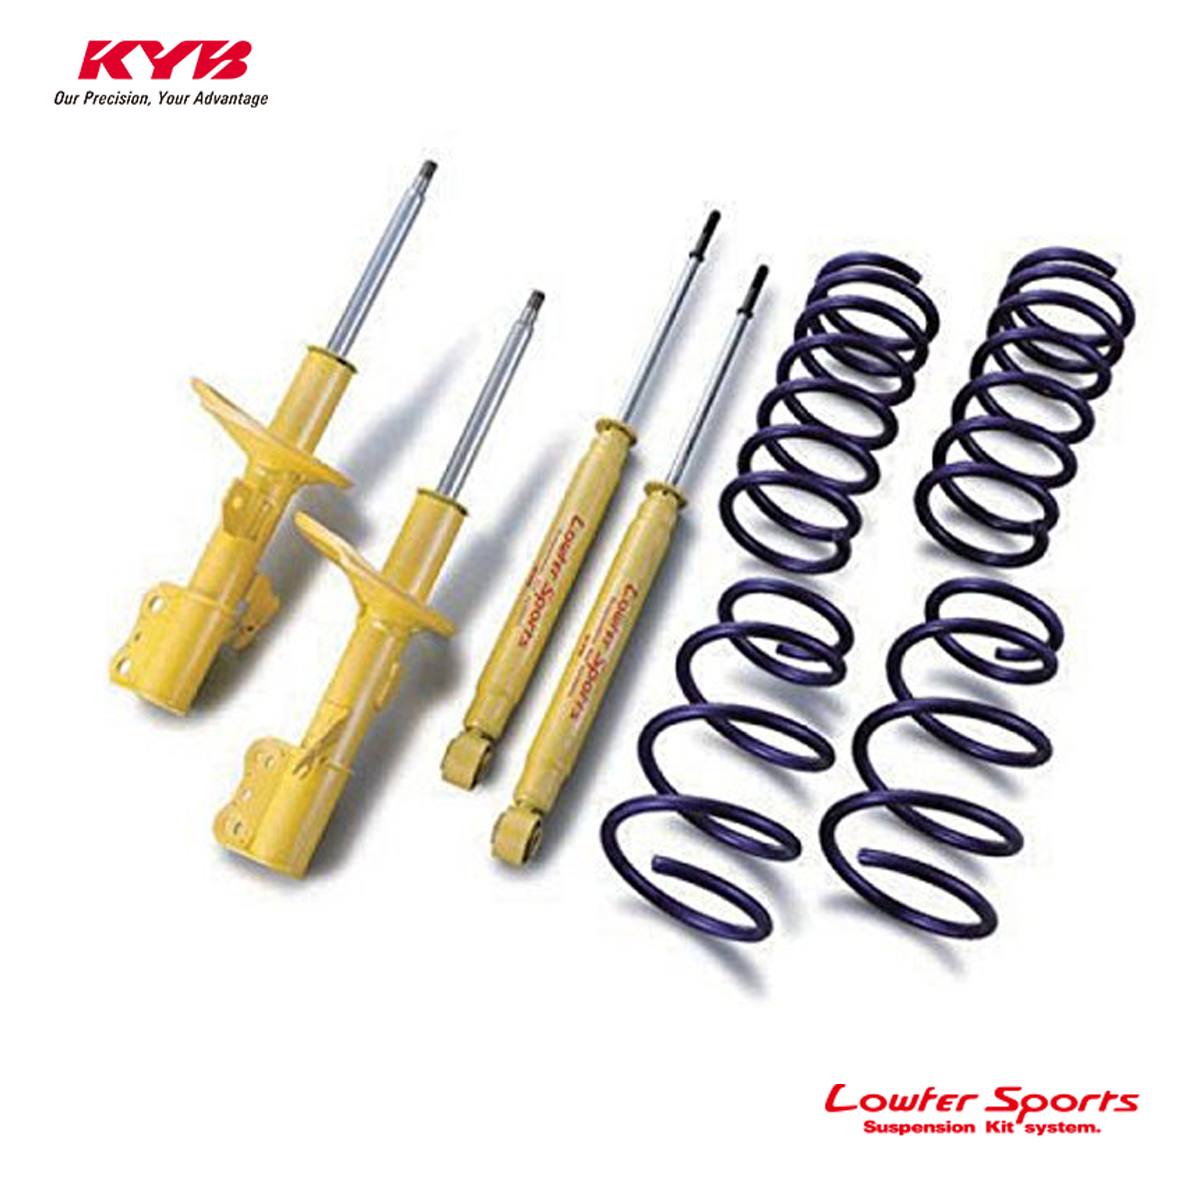 KYB カヤバ ライフ JC2 ショックアブソーバー サスペンションキット Lowfer Sports LKIT-JC2 配送先条件有り